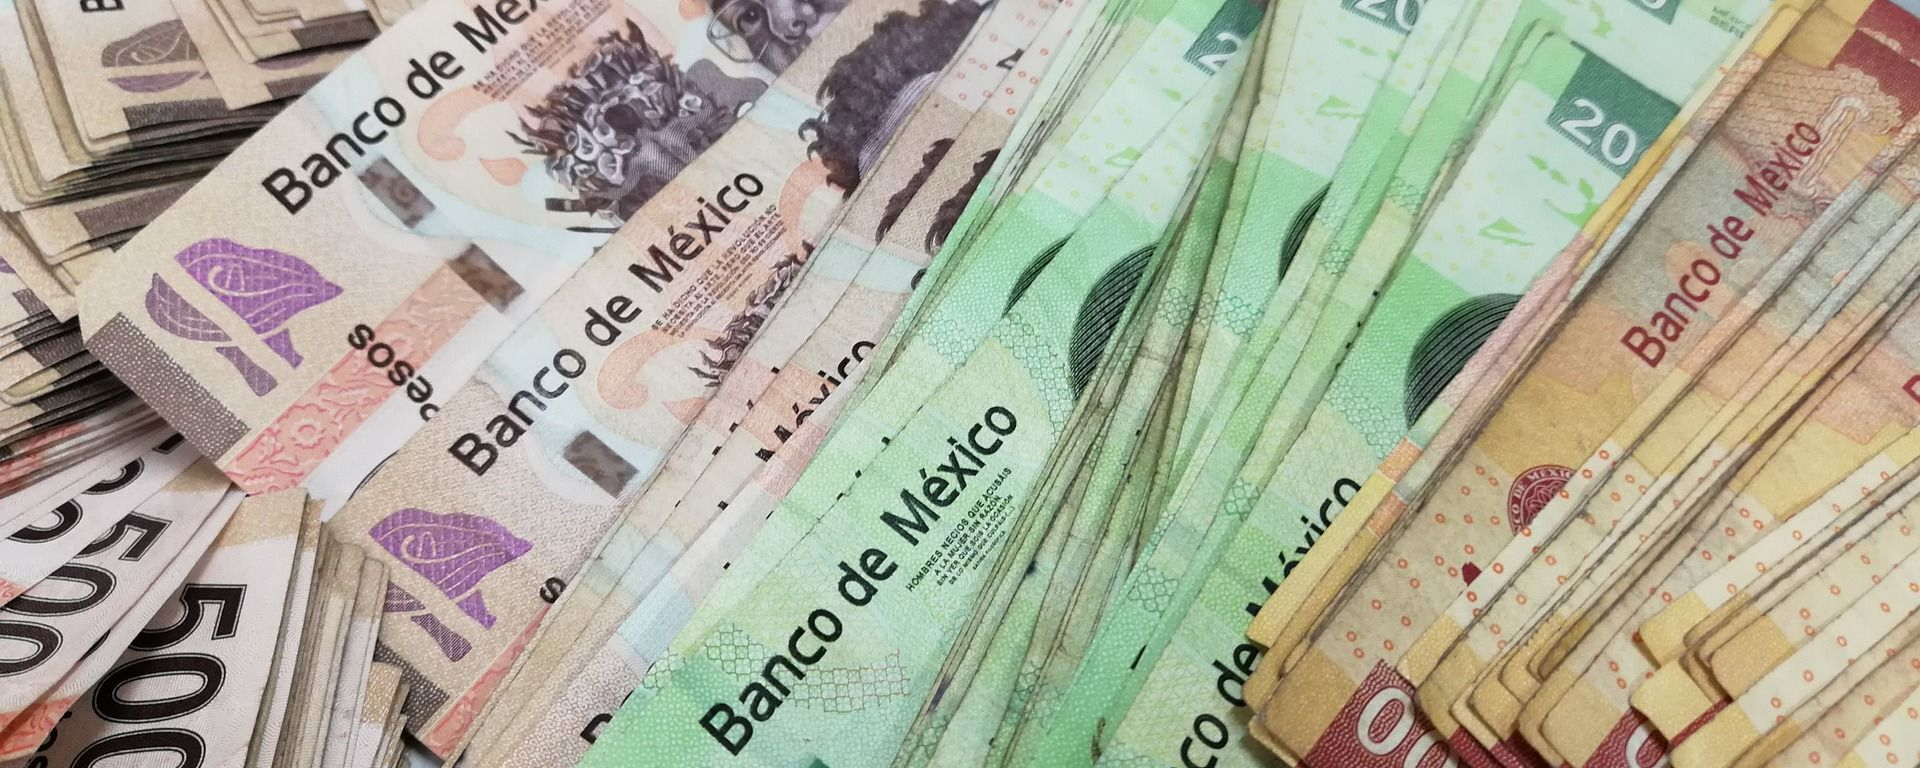 Pesos mexicanos (archivo) - Sputnik Mundo, 1920, 31.03.2021